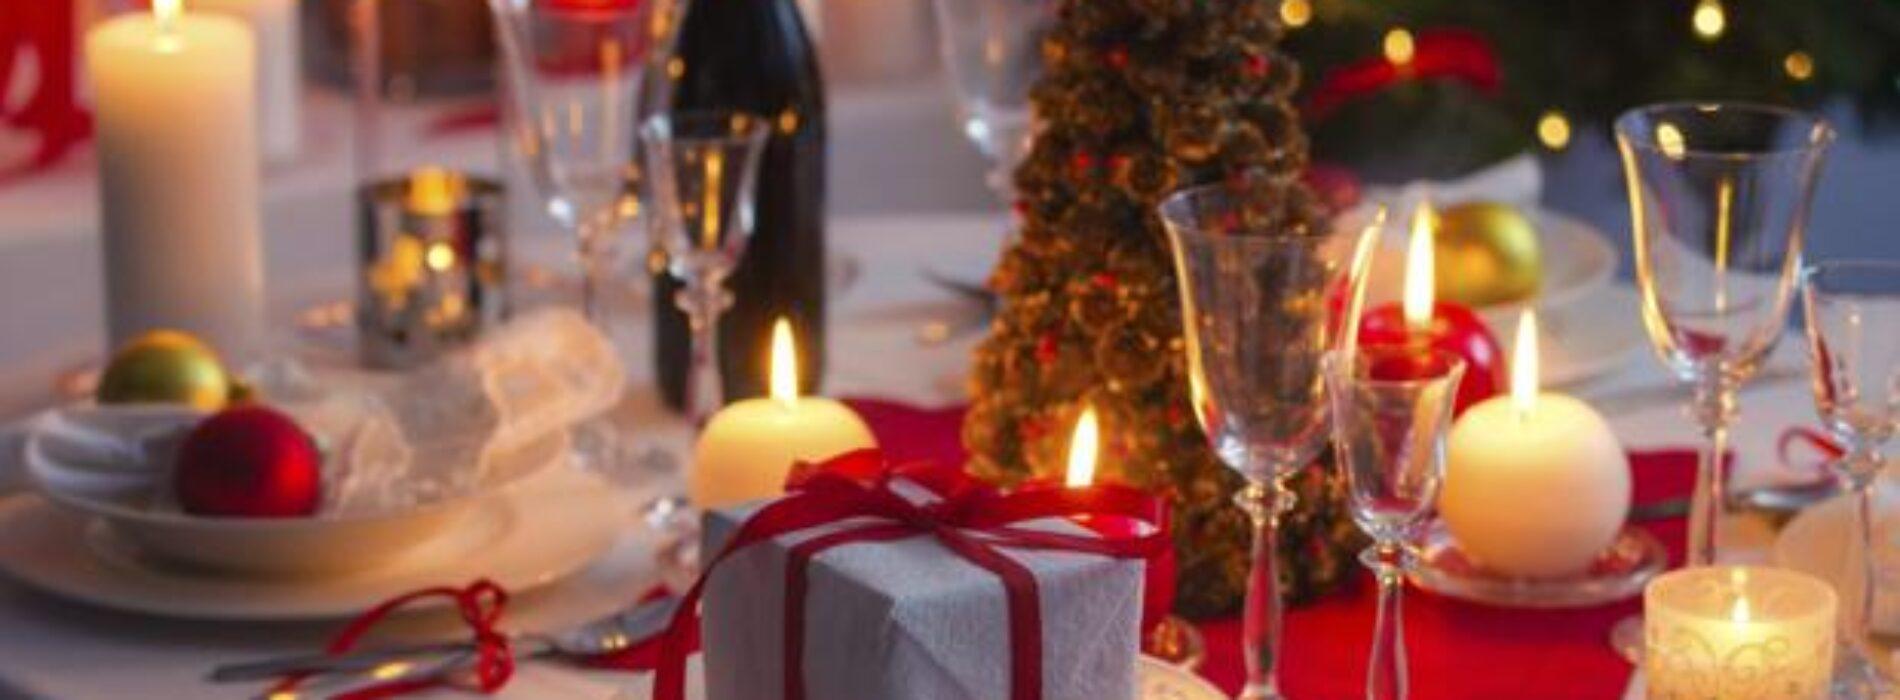 Ristoranti chiusi a pranzo a Natale e Santo Stefano, un'assurdità